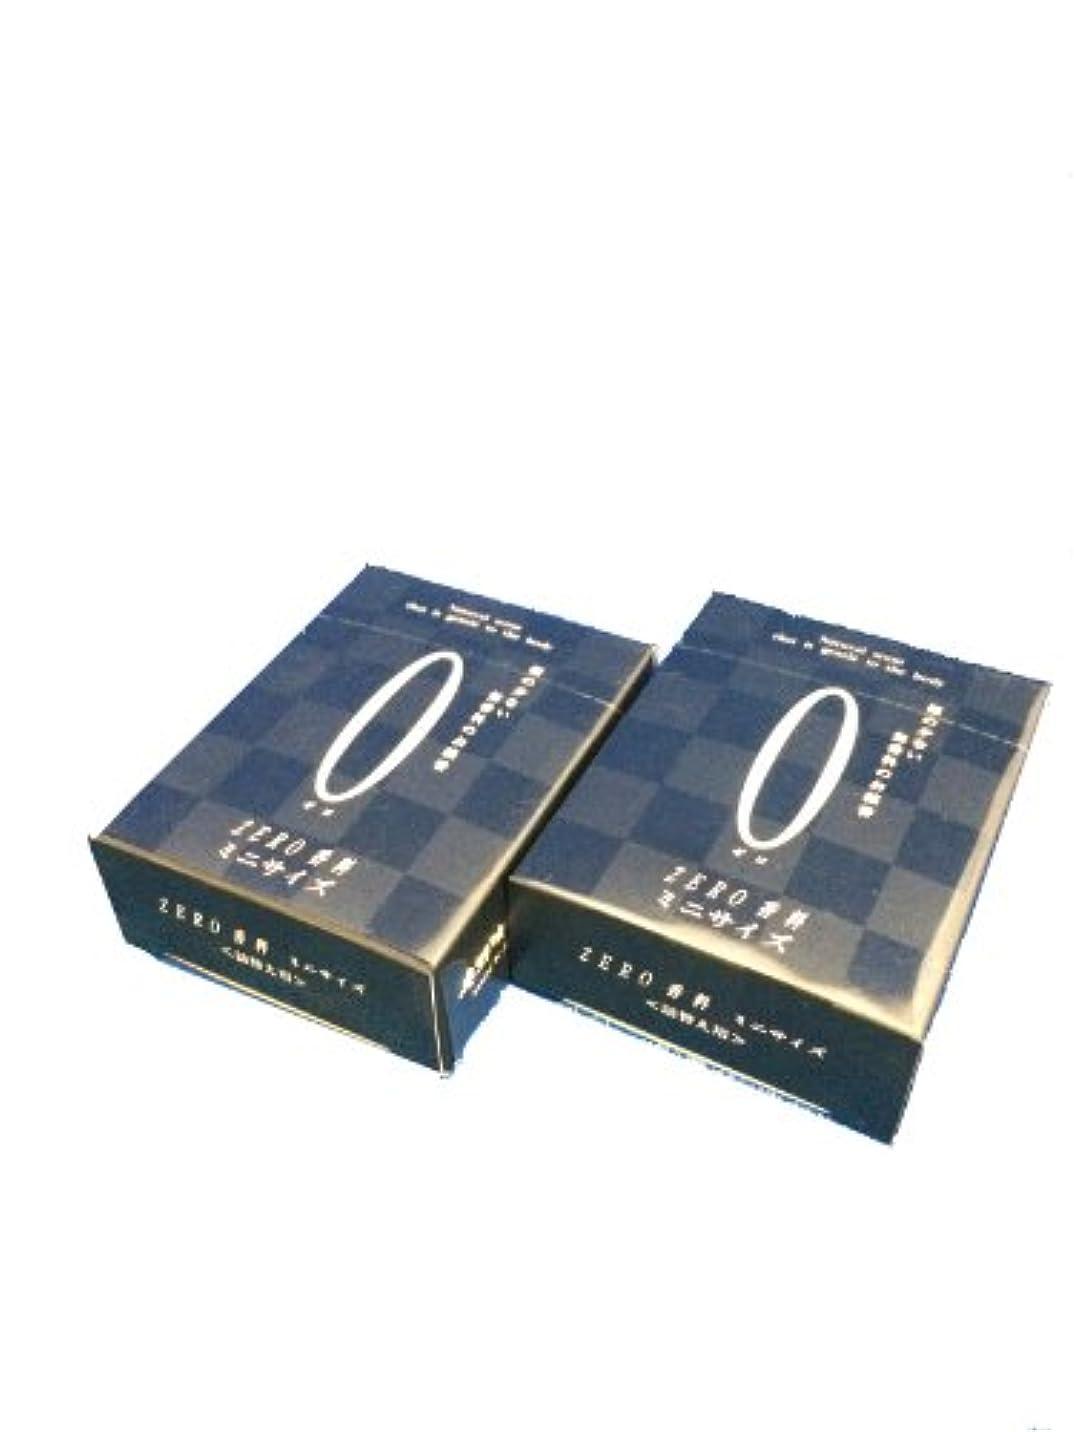 精神飲食店範囲ZERO ゼロ香料 詰め替え用 2個セット ミニ寸 サイズ 約60g